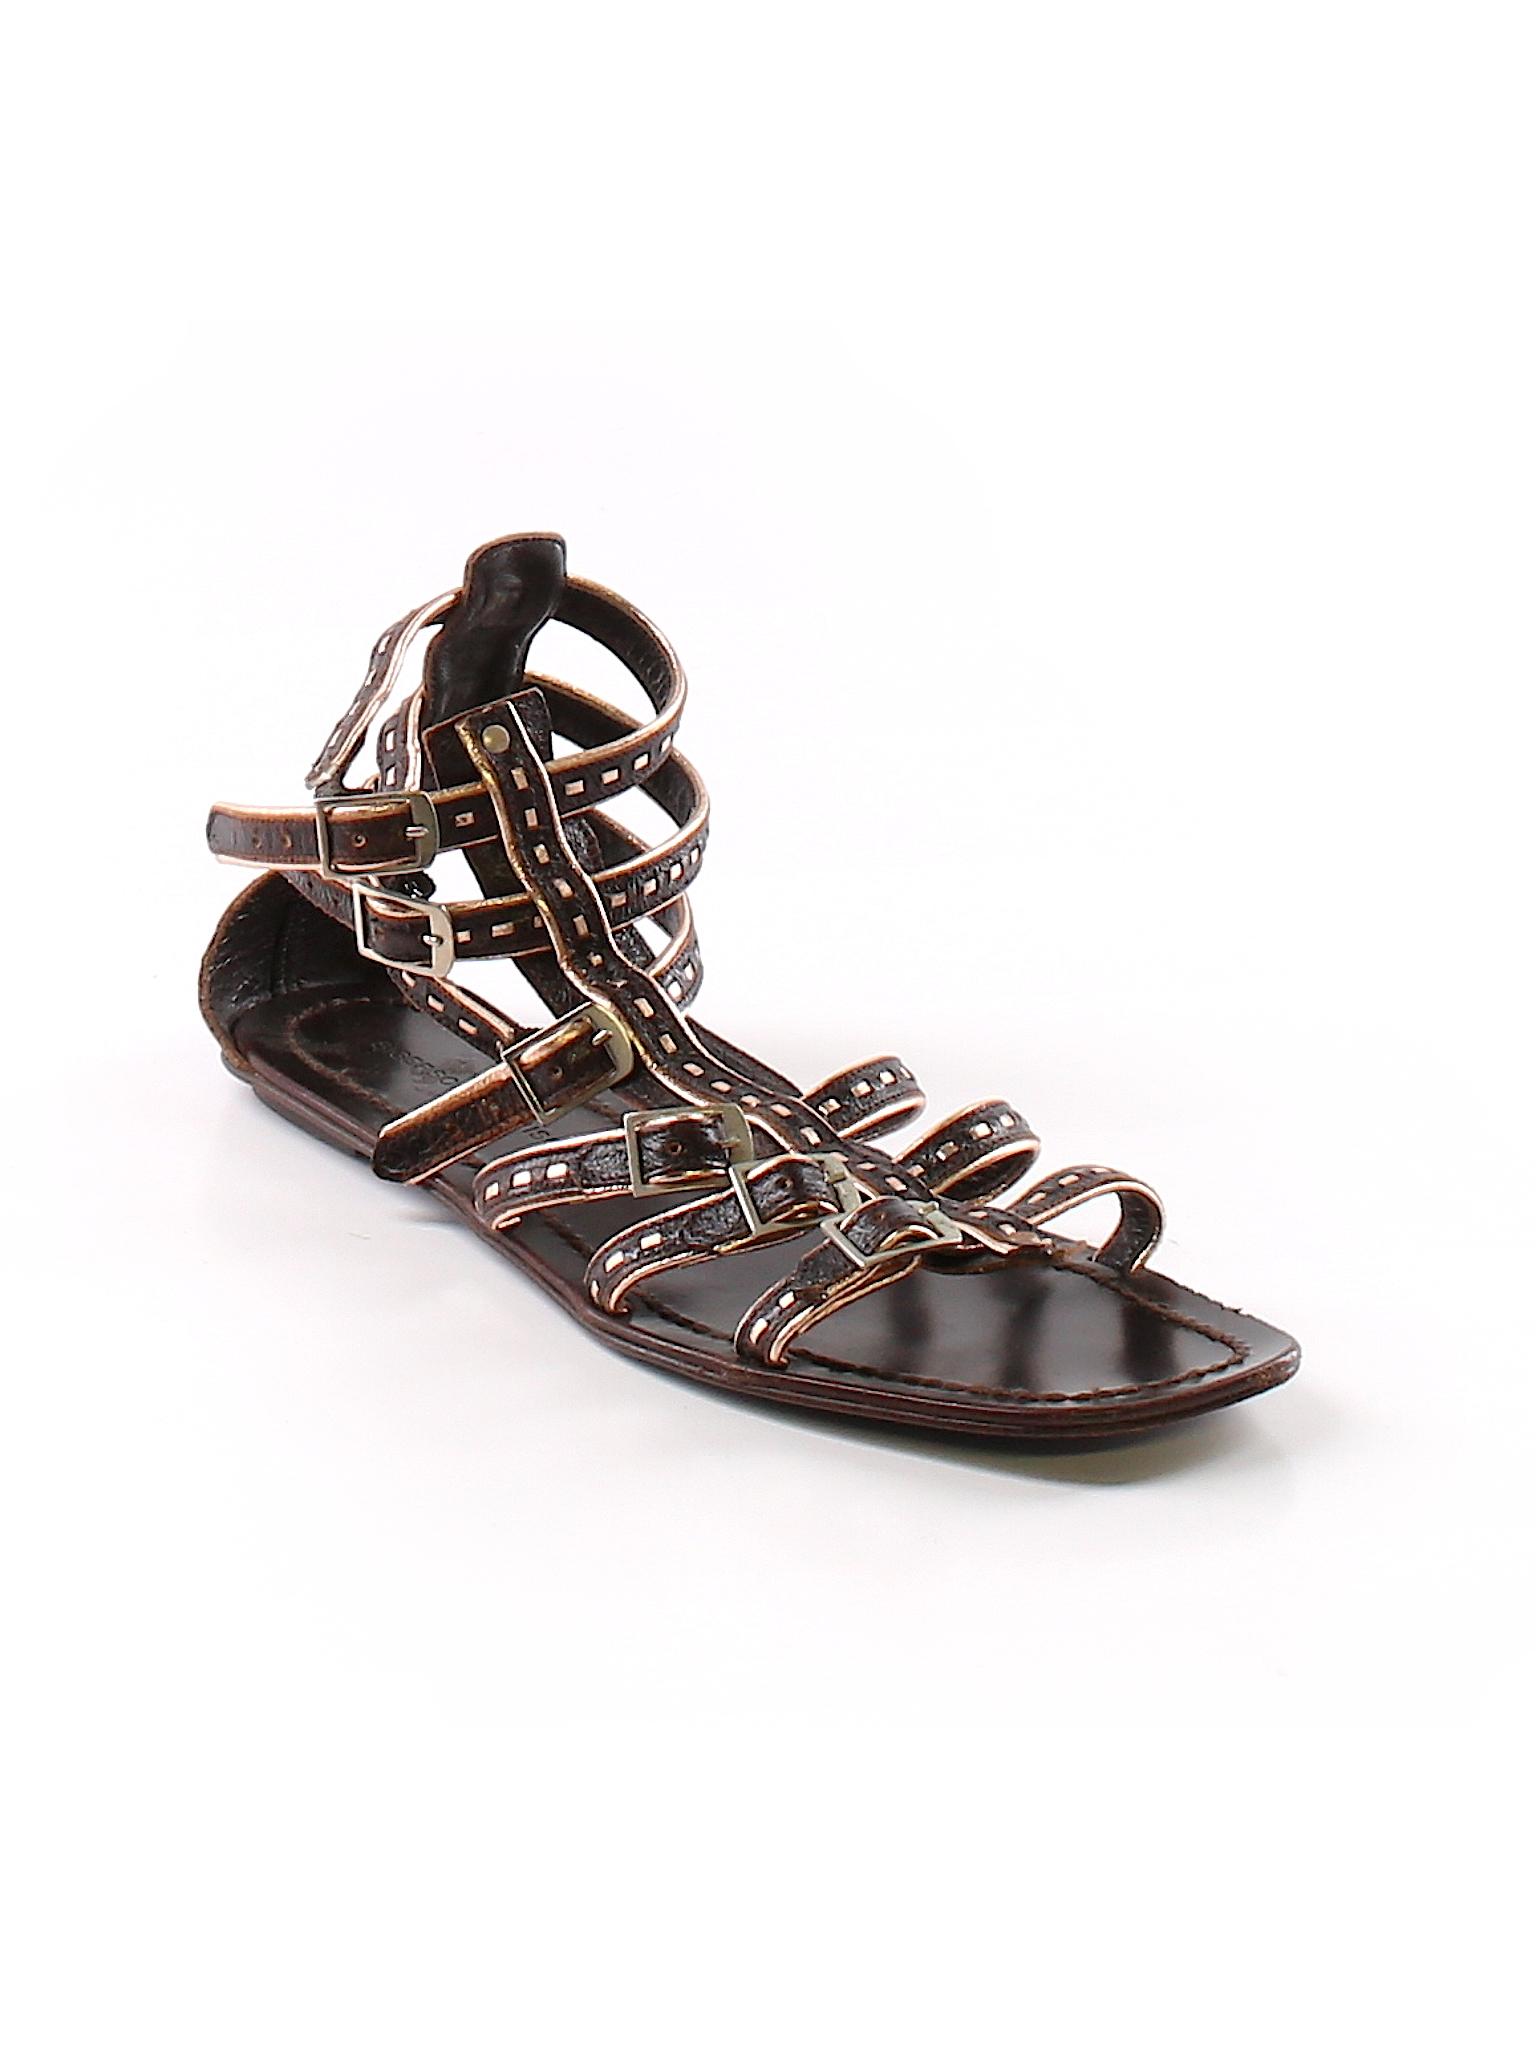 Sandals promotion Sandals Sigerson Morrison Boutique Sigerson Boutique promotion Sigerson Morrison Boutique promotion qqtP6